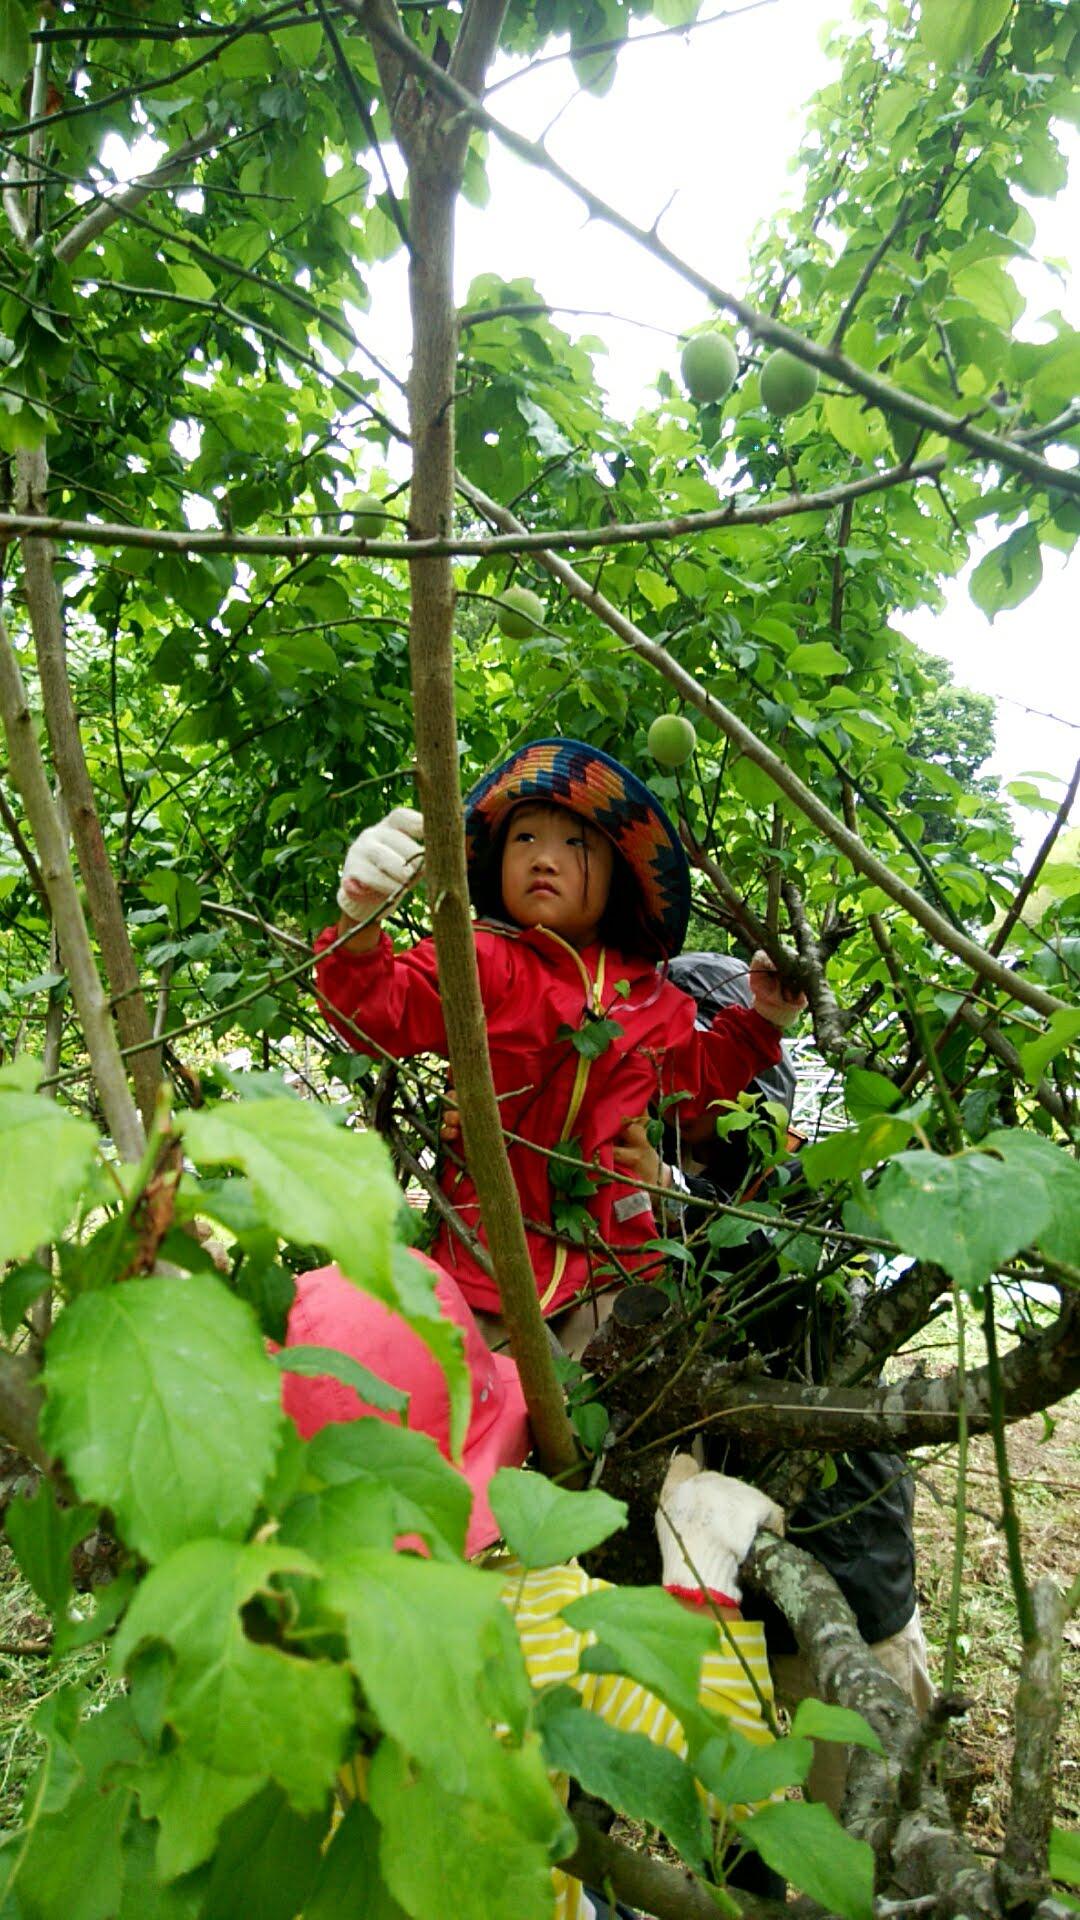 みんな木に登って夢中で梅とり